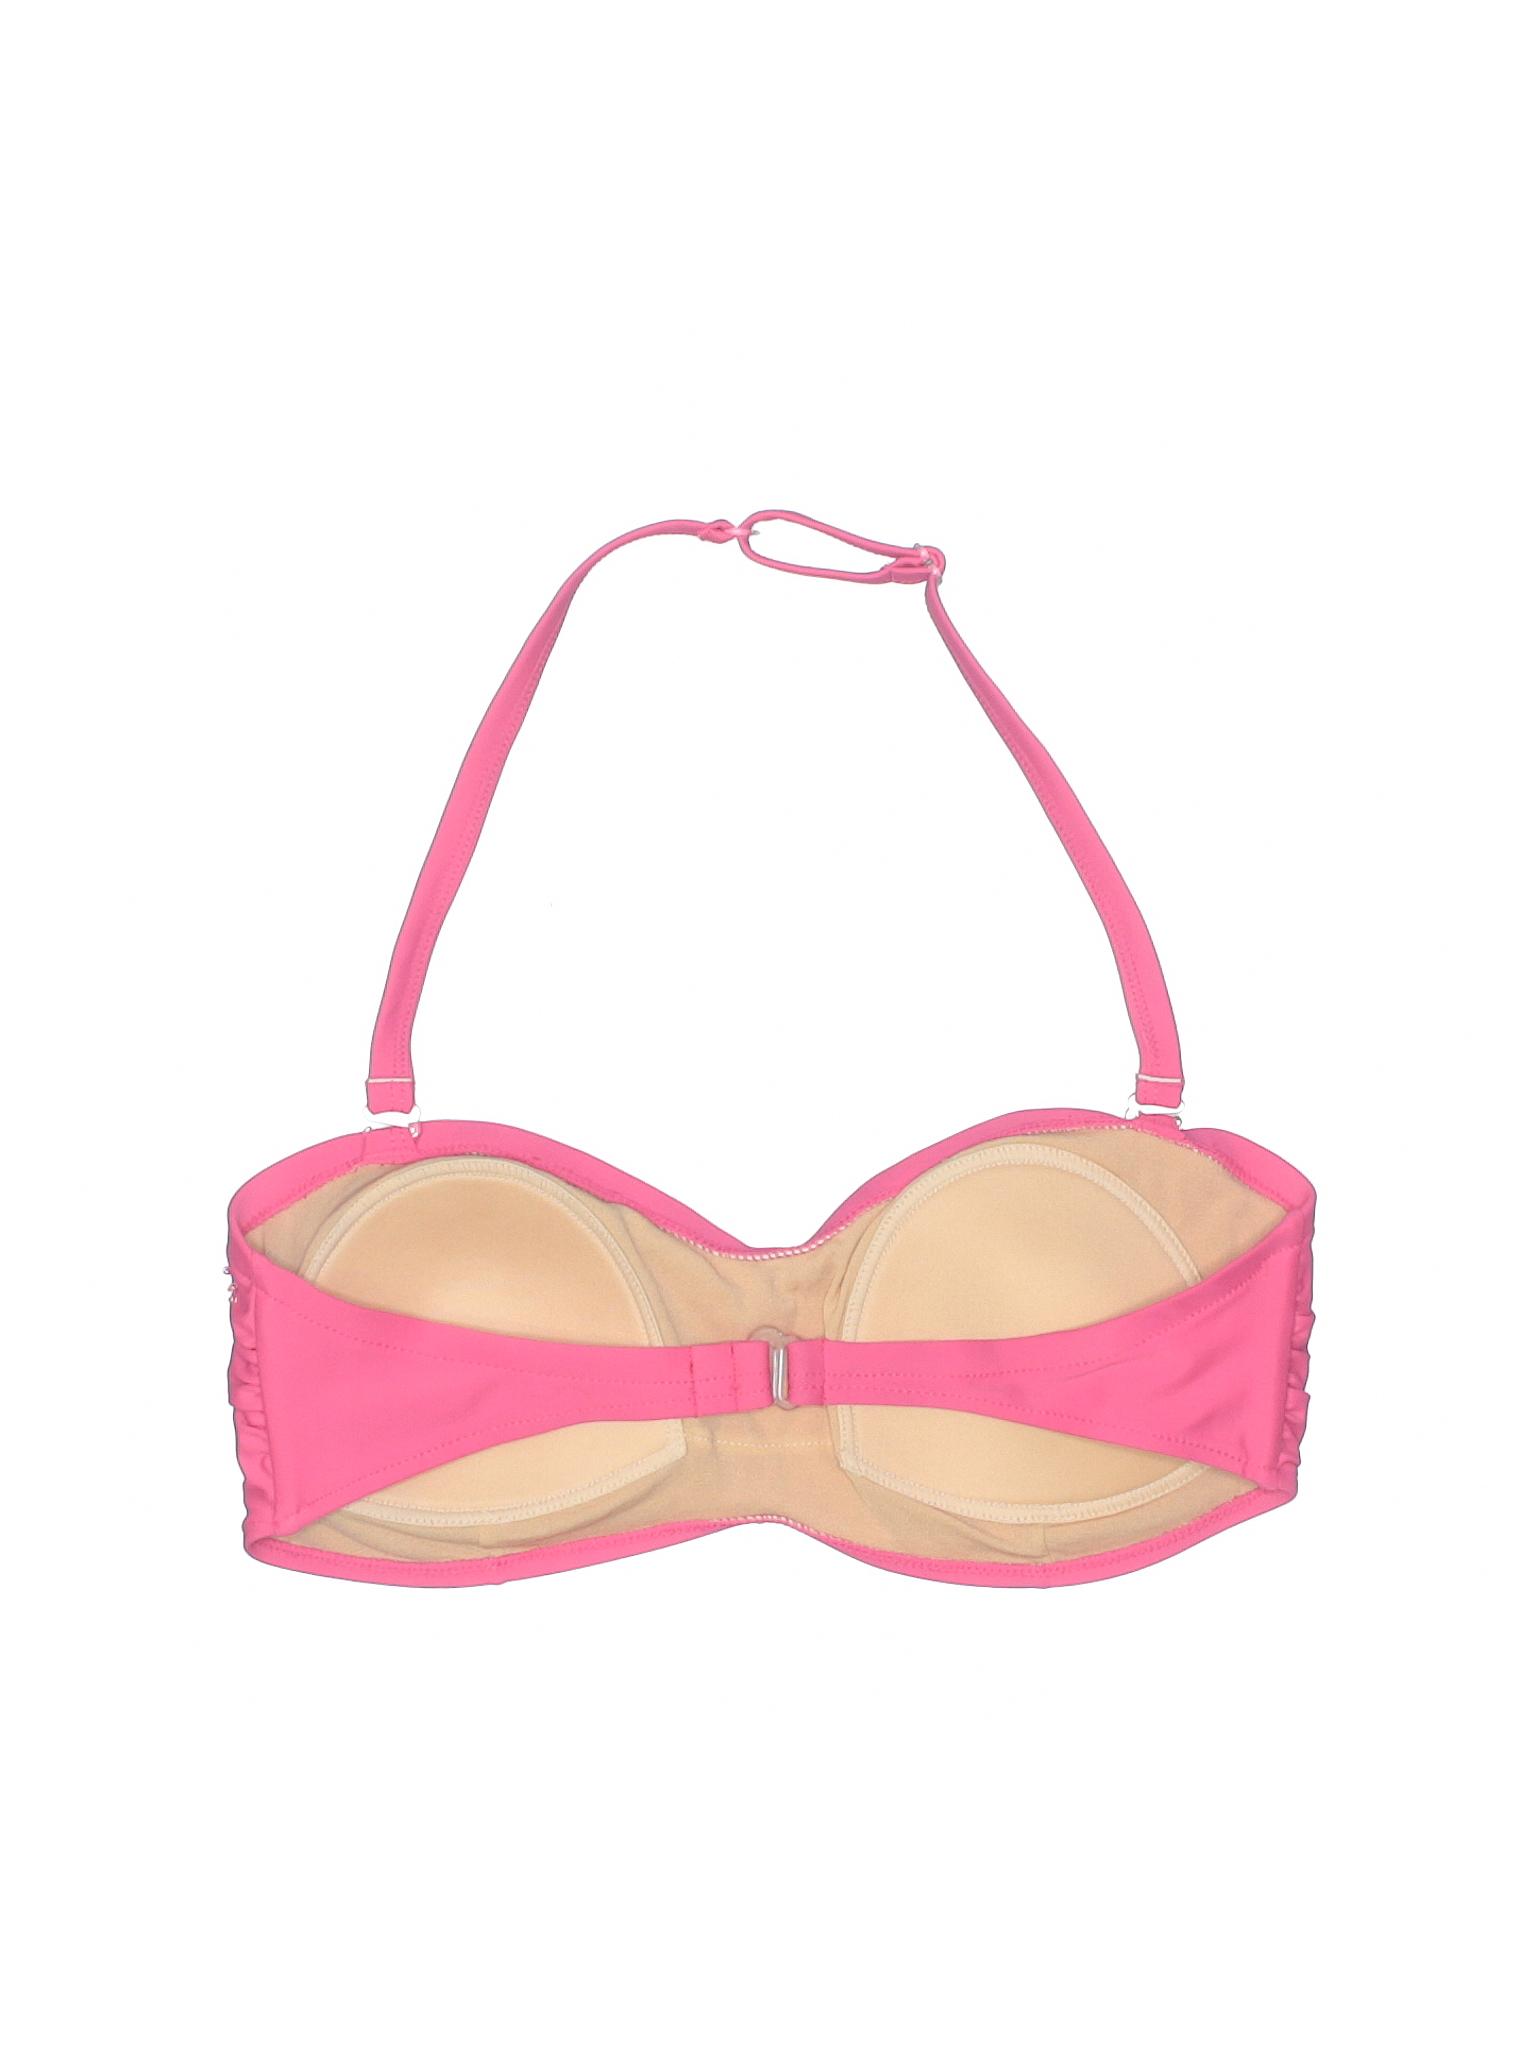 FX Swimsuit Top Swimsuit FX Shape Top Boutique Shape Boutique Top Swimsuit Shape FX Boutique txSRqq